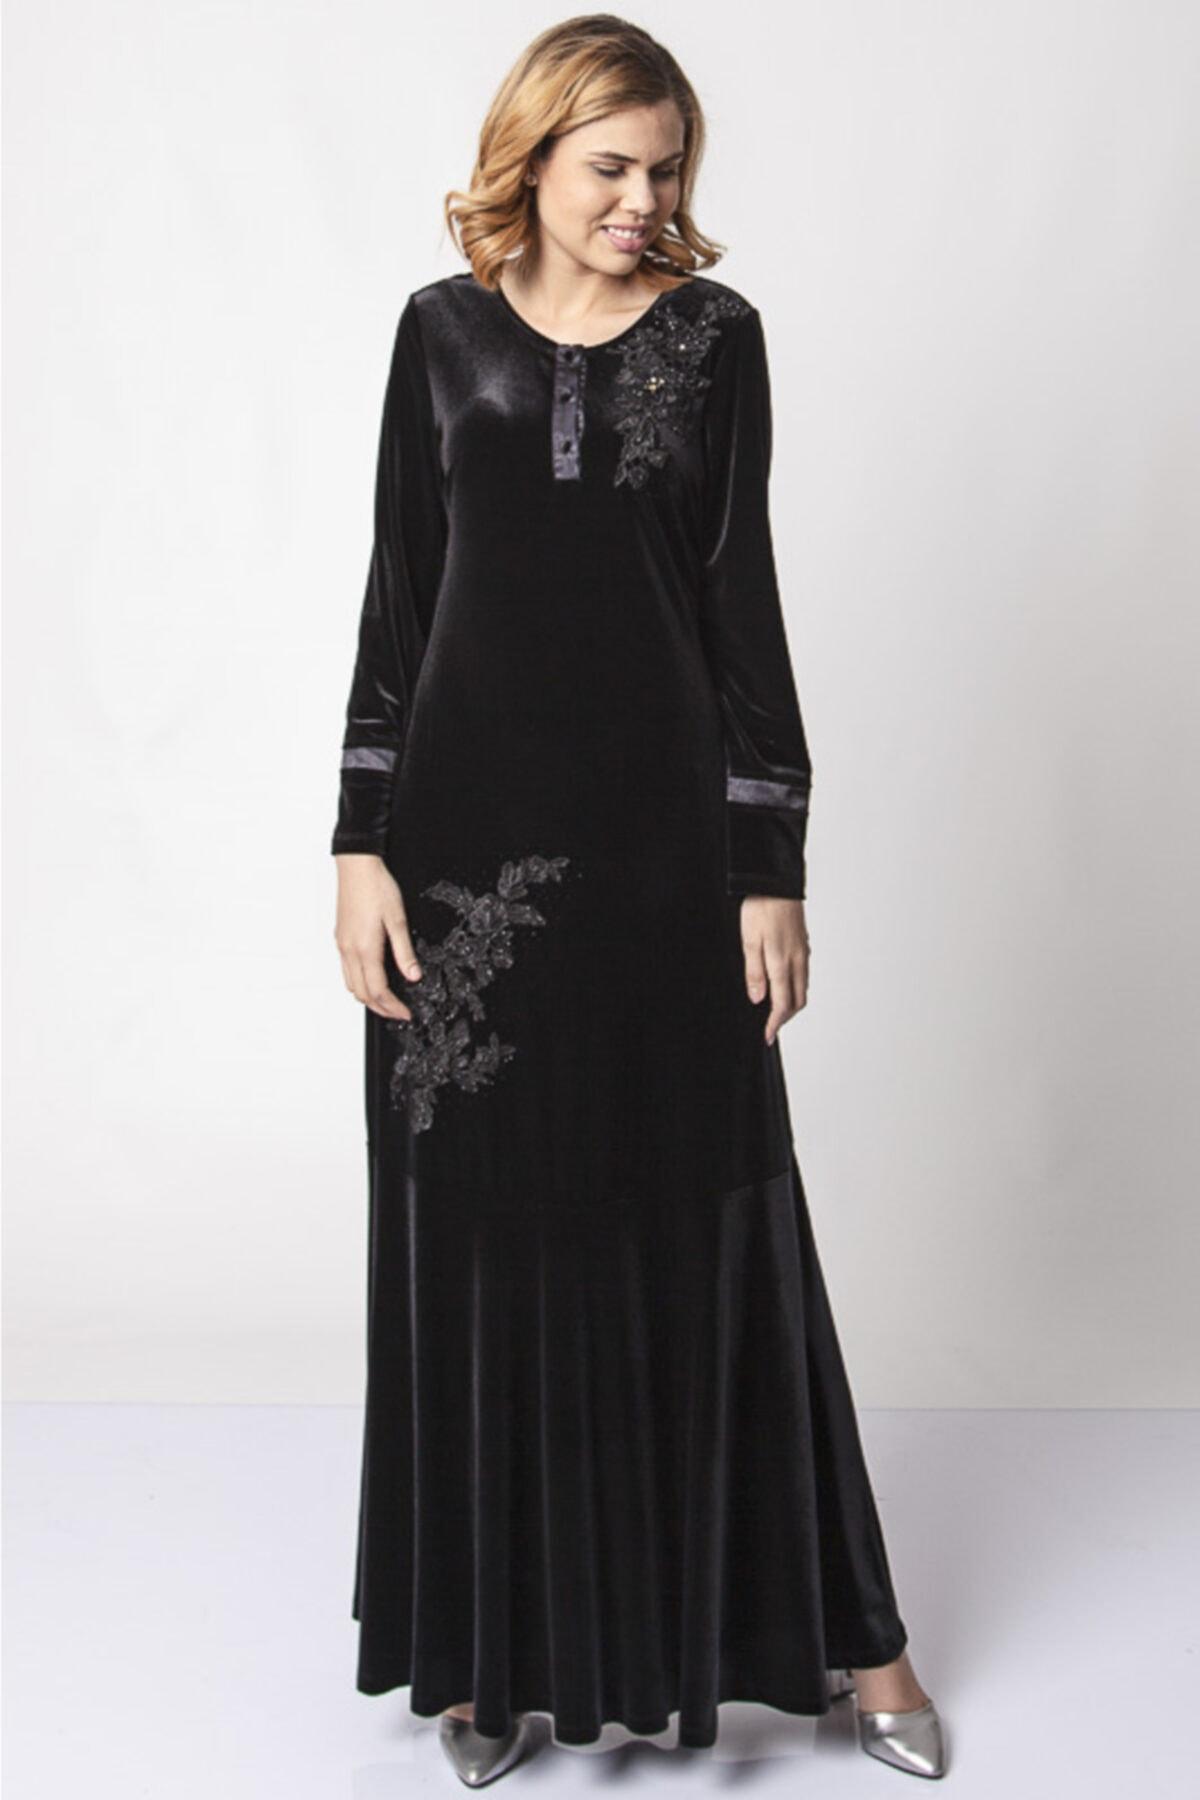 Güzey Önü Düğmeli Dantel Işlemeli Kadife Elbise - Siyah